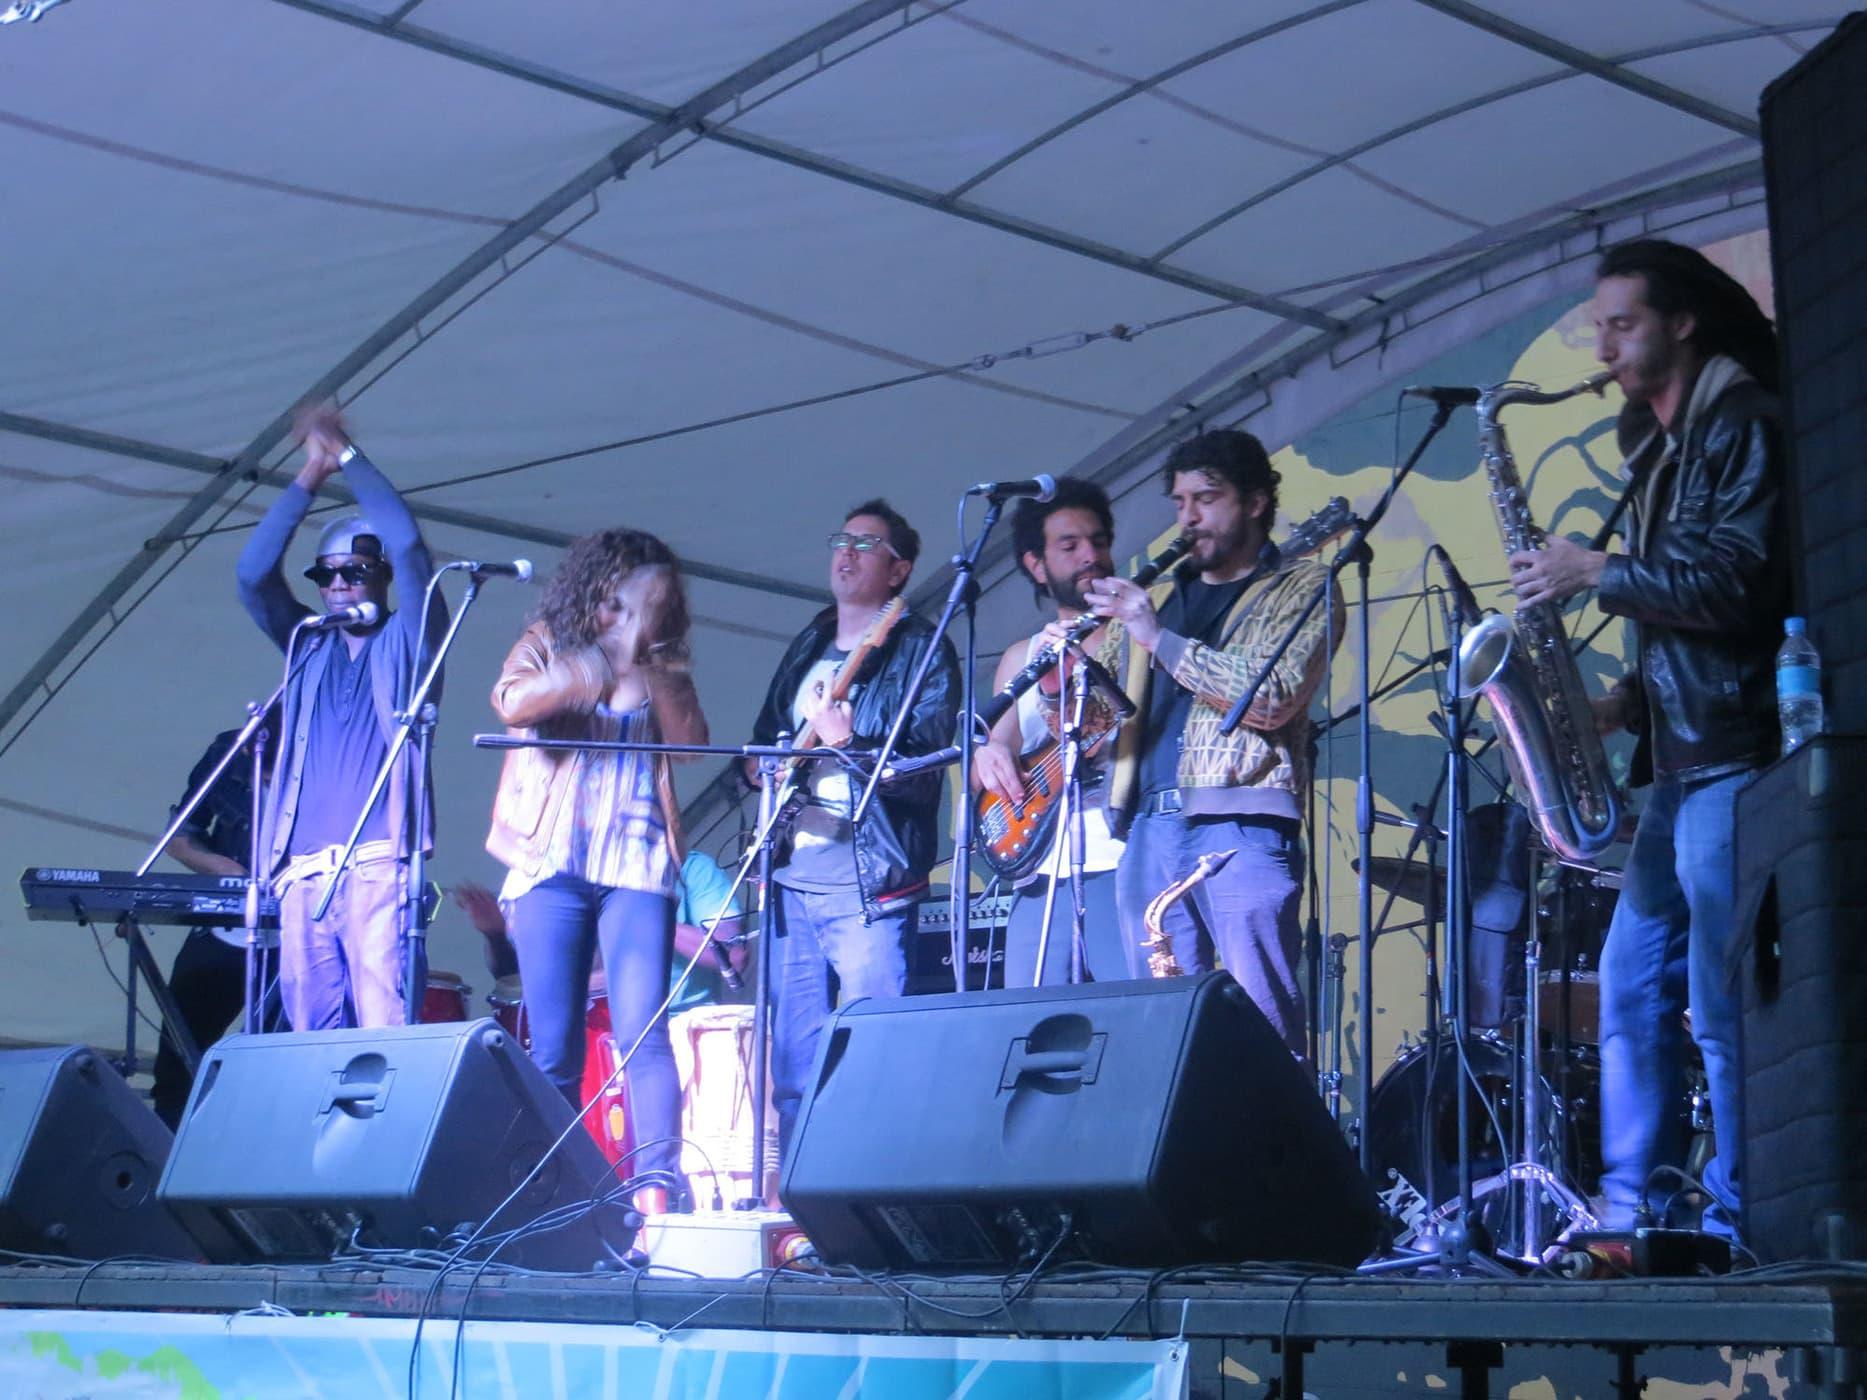 Bogata's birthday concert in Bogota, Colombia